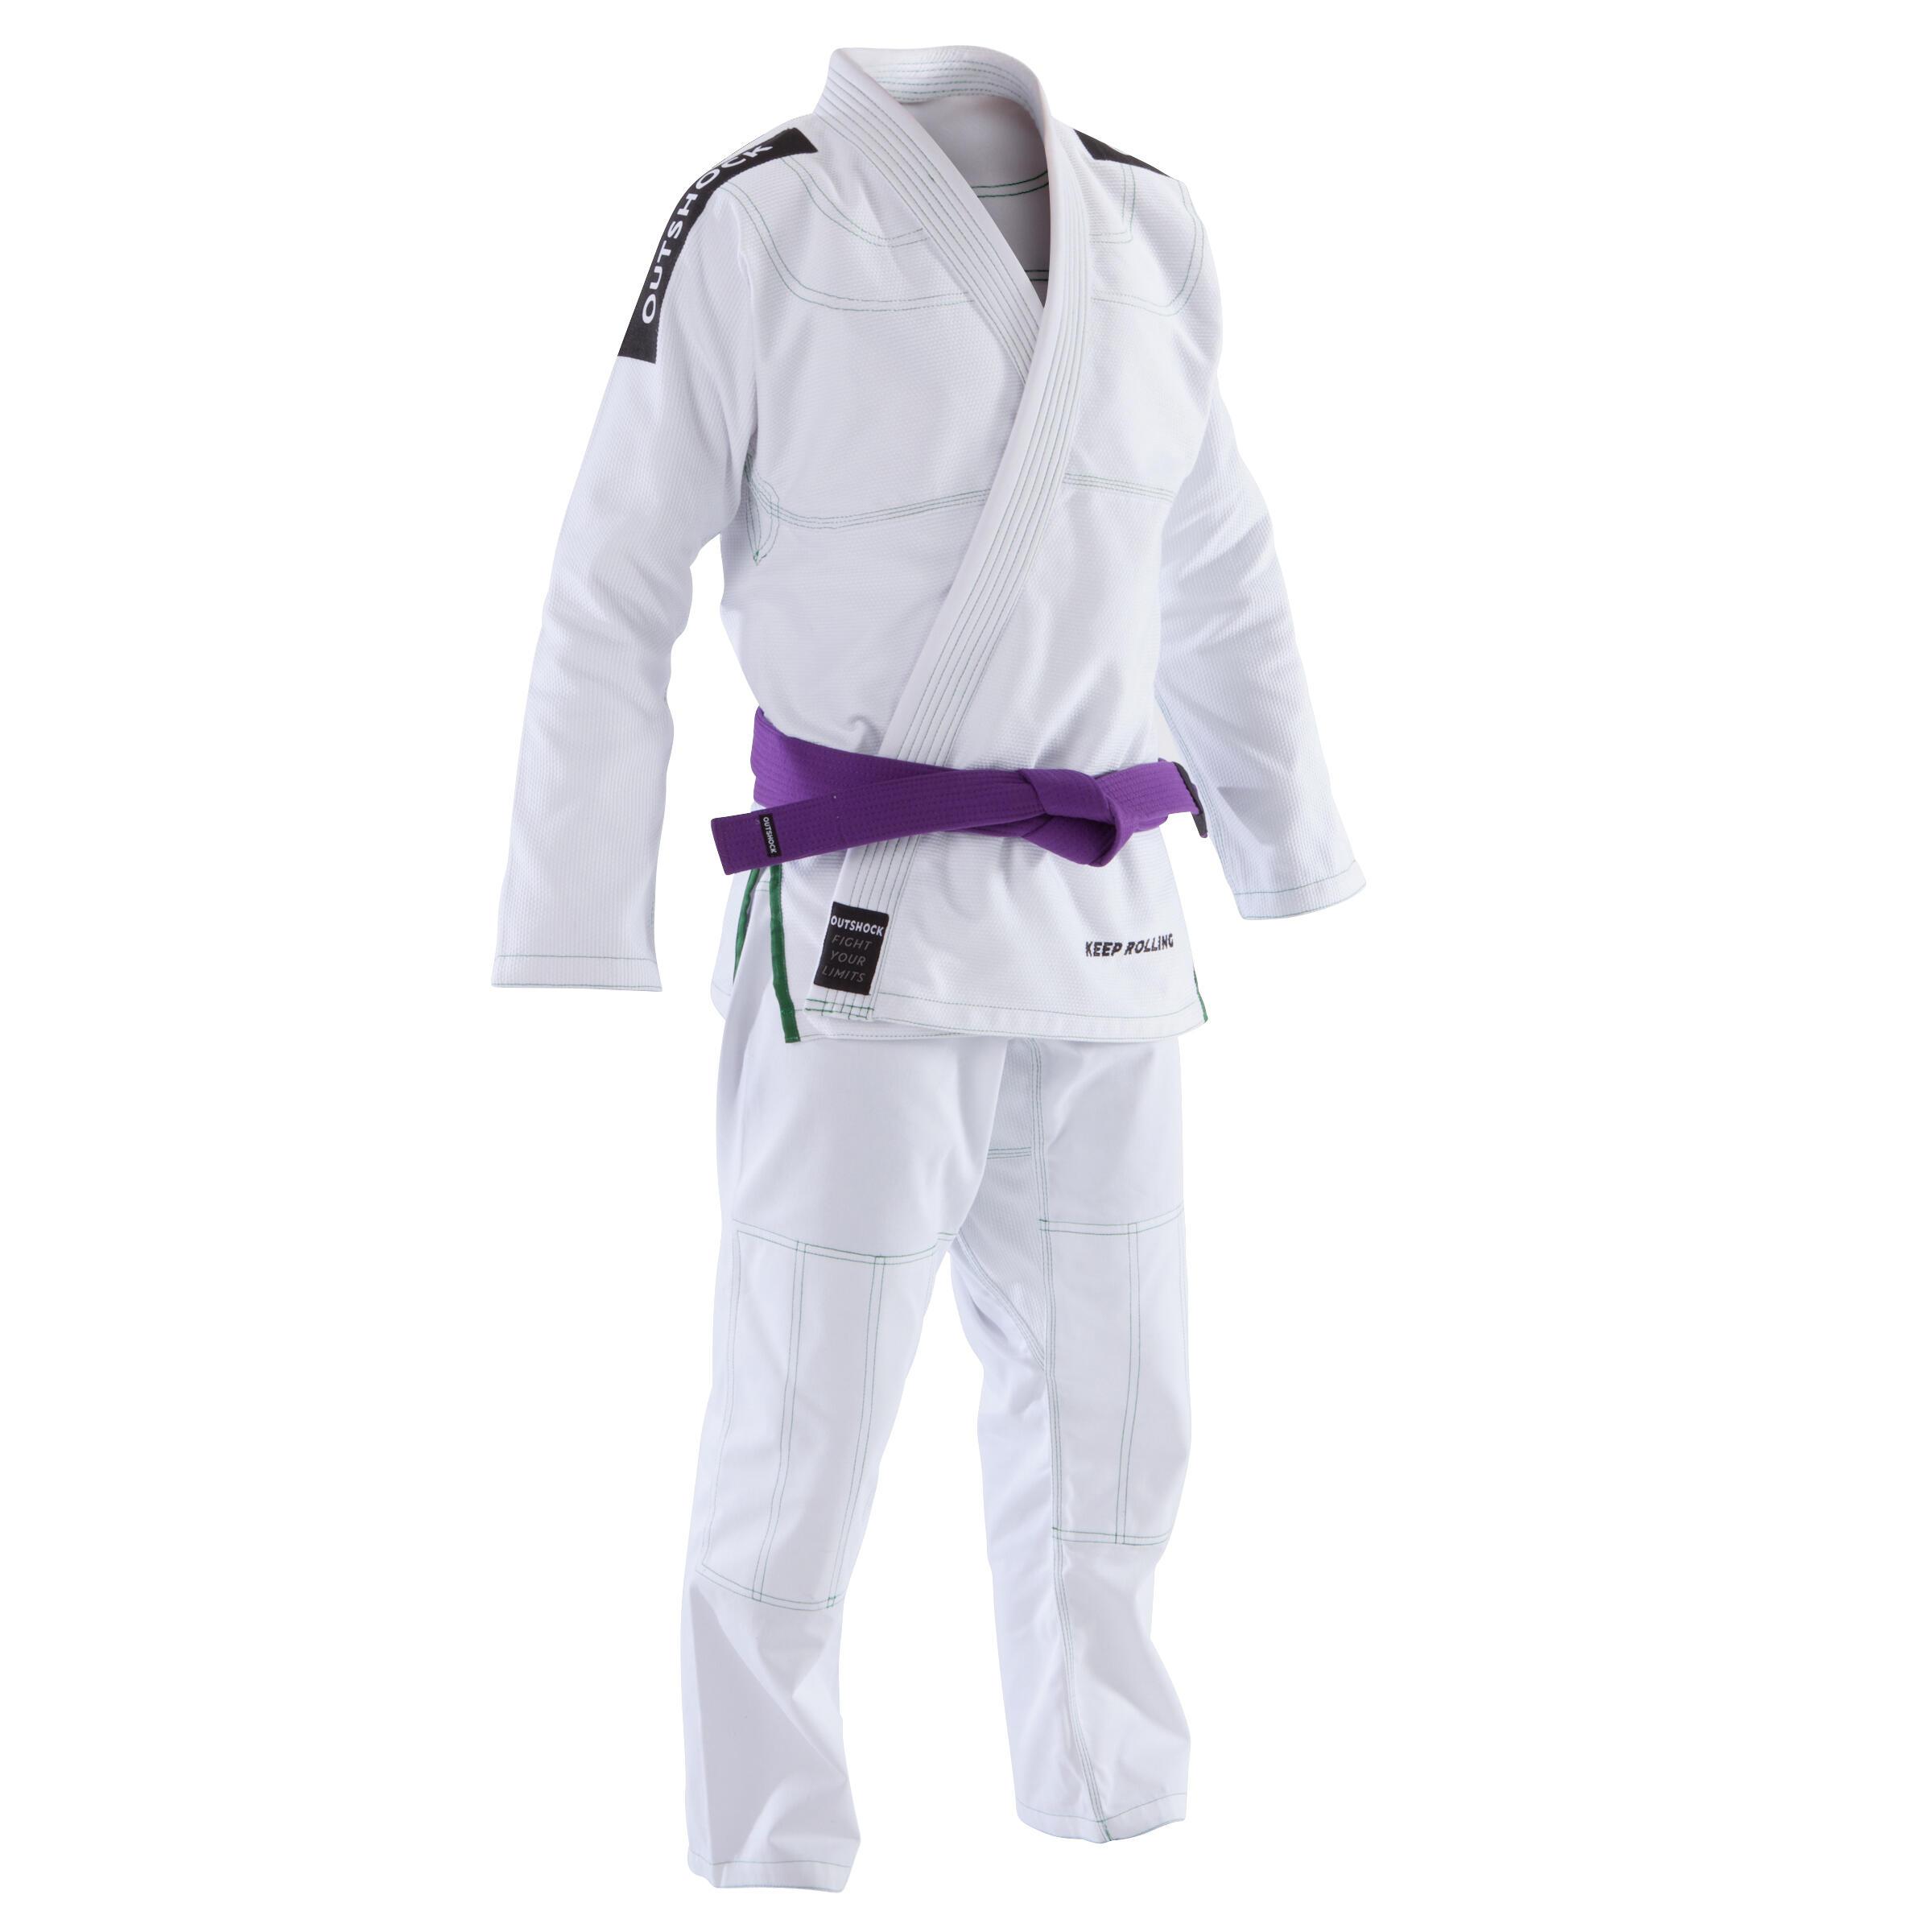 Jiu-Jitsu pakken kopen met voordeel